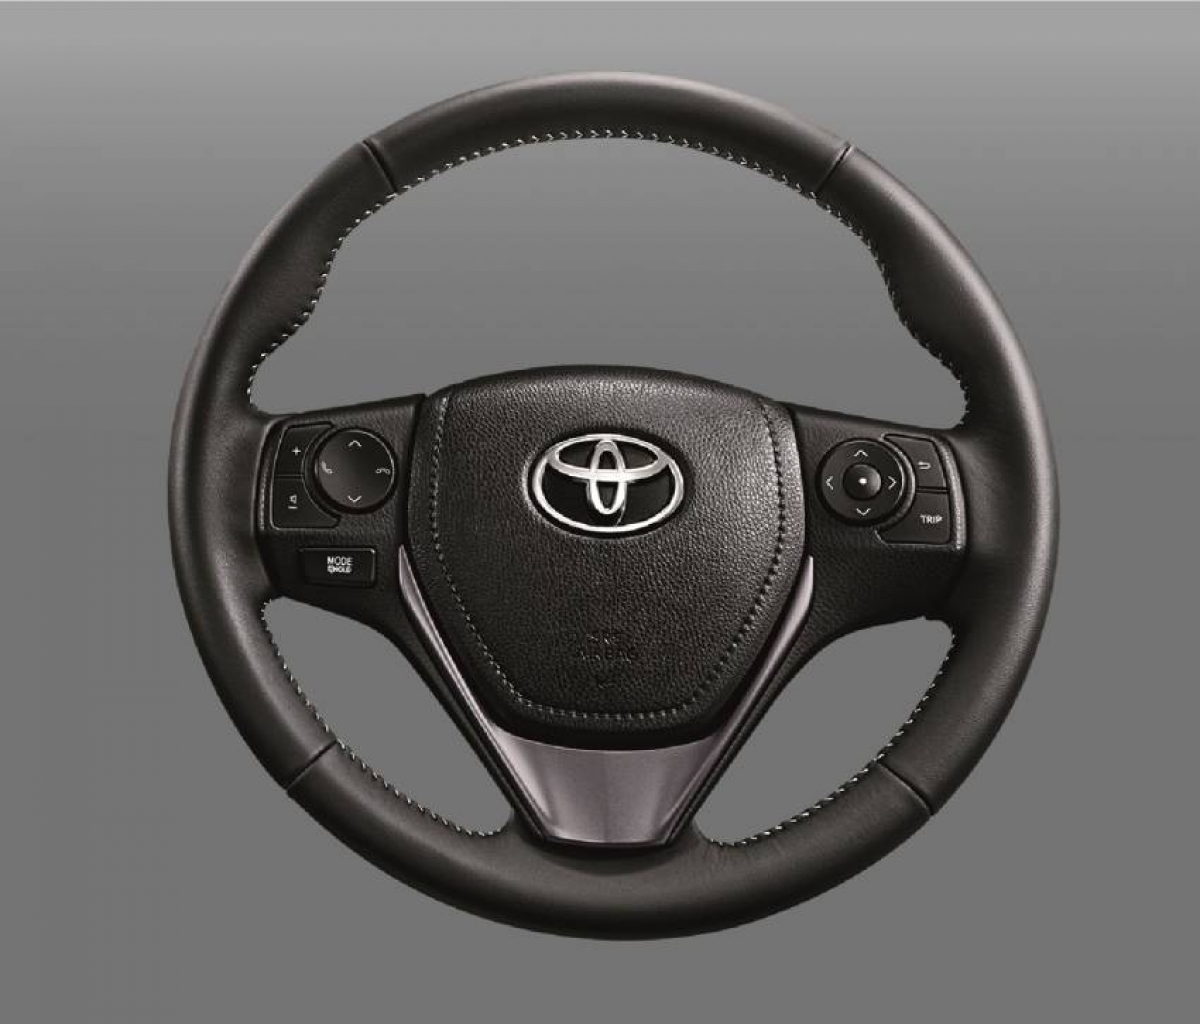 Những tiện ích khác bao gồm gương chiếu hậu chỉnh điện, điều hòa tự động trên bản Sport và Sport Premium, đèn chiếu sáng tự động khi vào xe trên tất cả phiên bản. Trên bản cao cấp nhất còn có thêm các cổng sạc USB cho hàng ghế thứ 2.